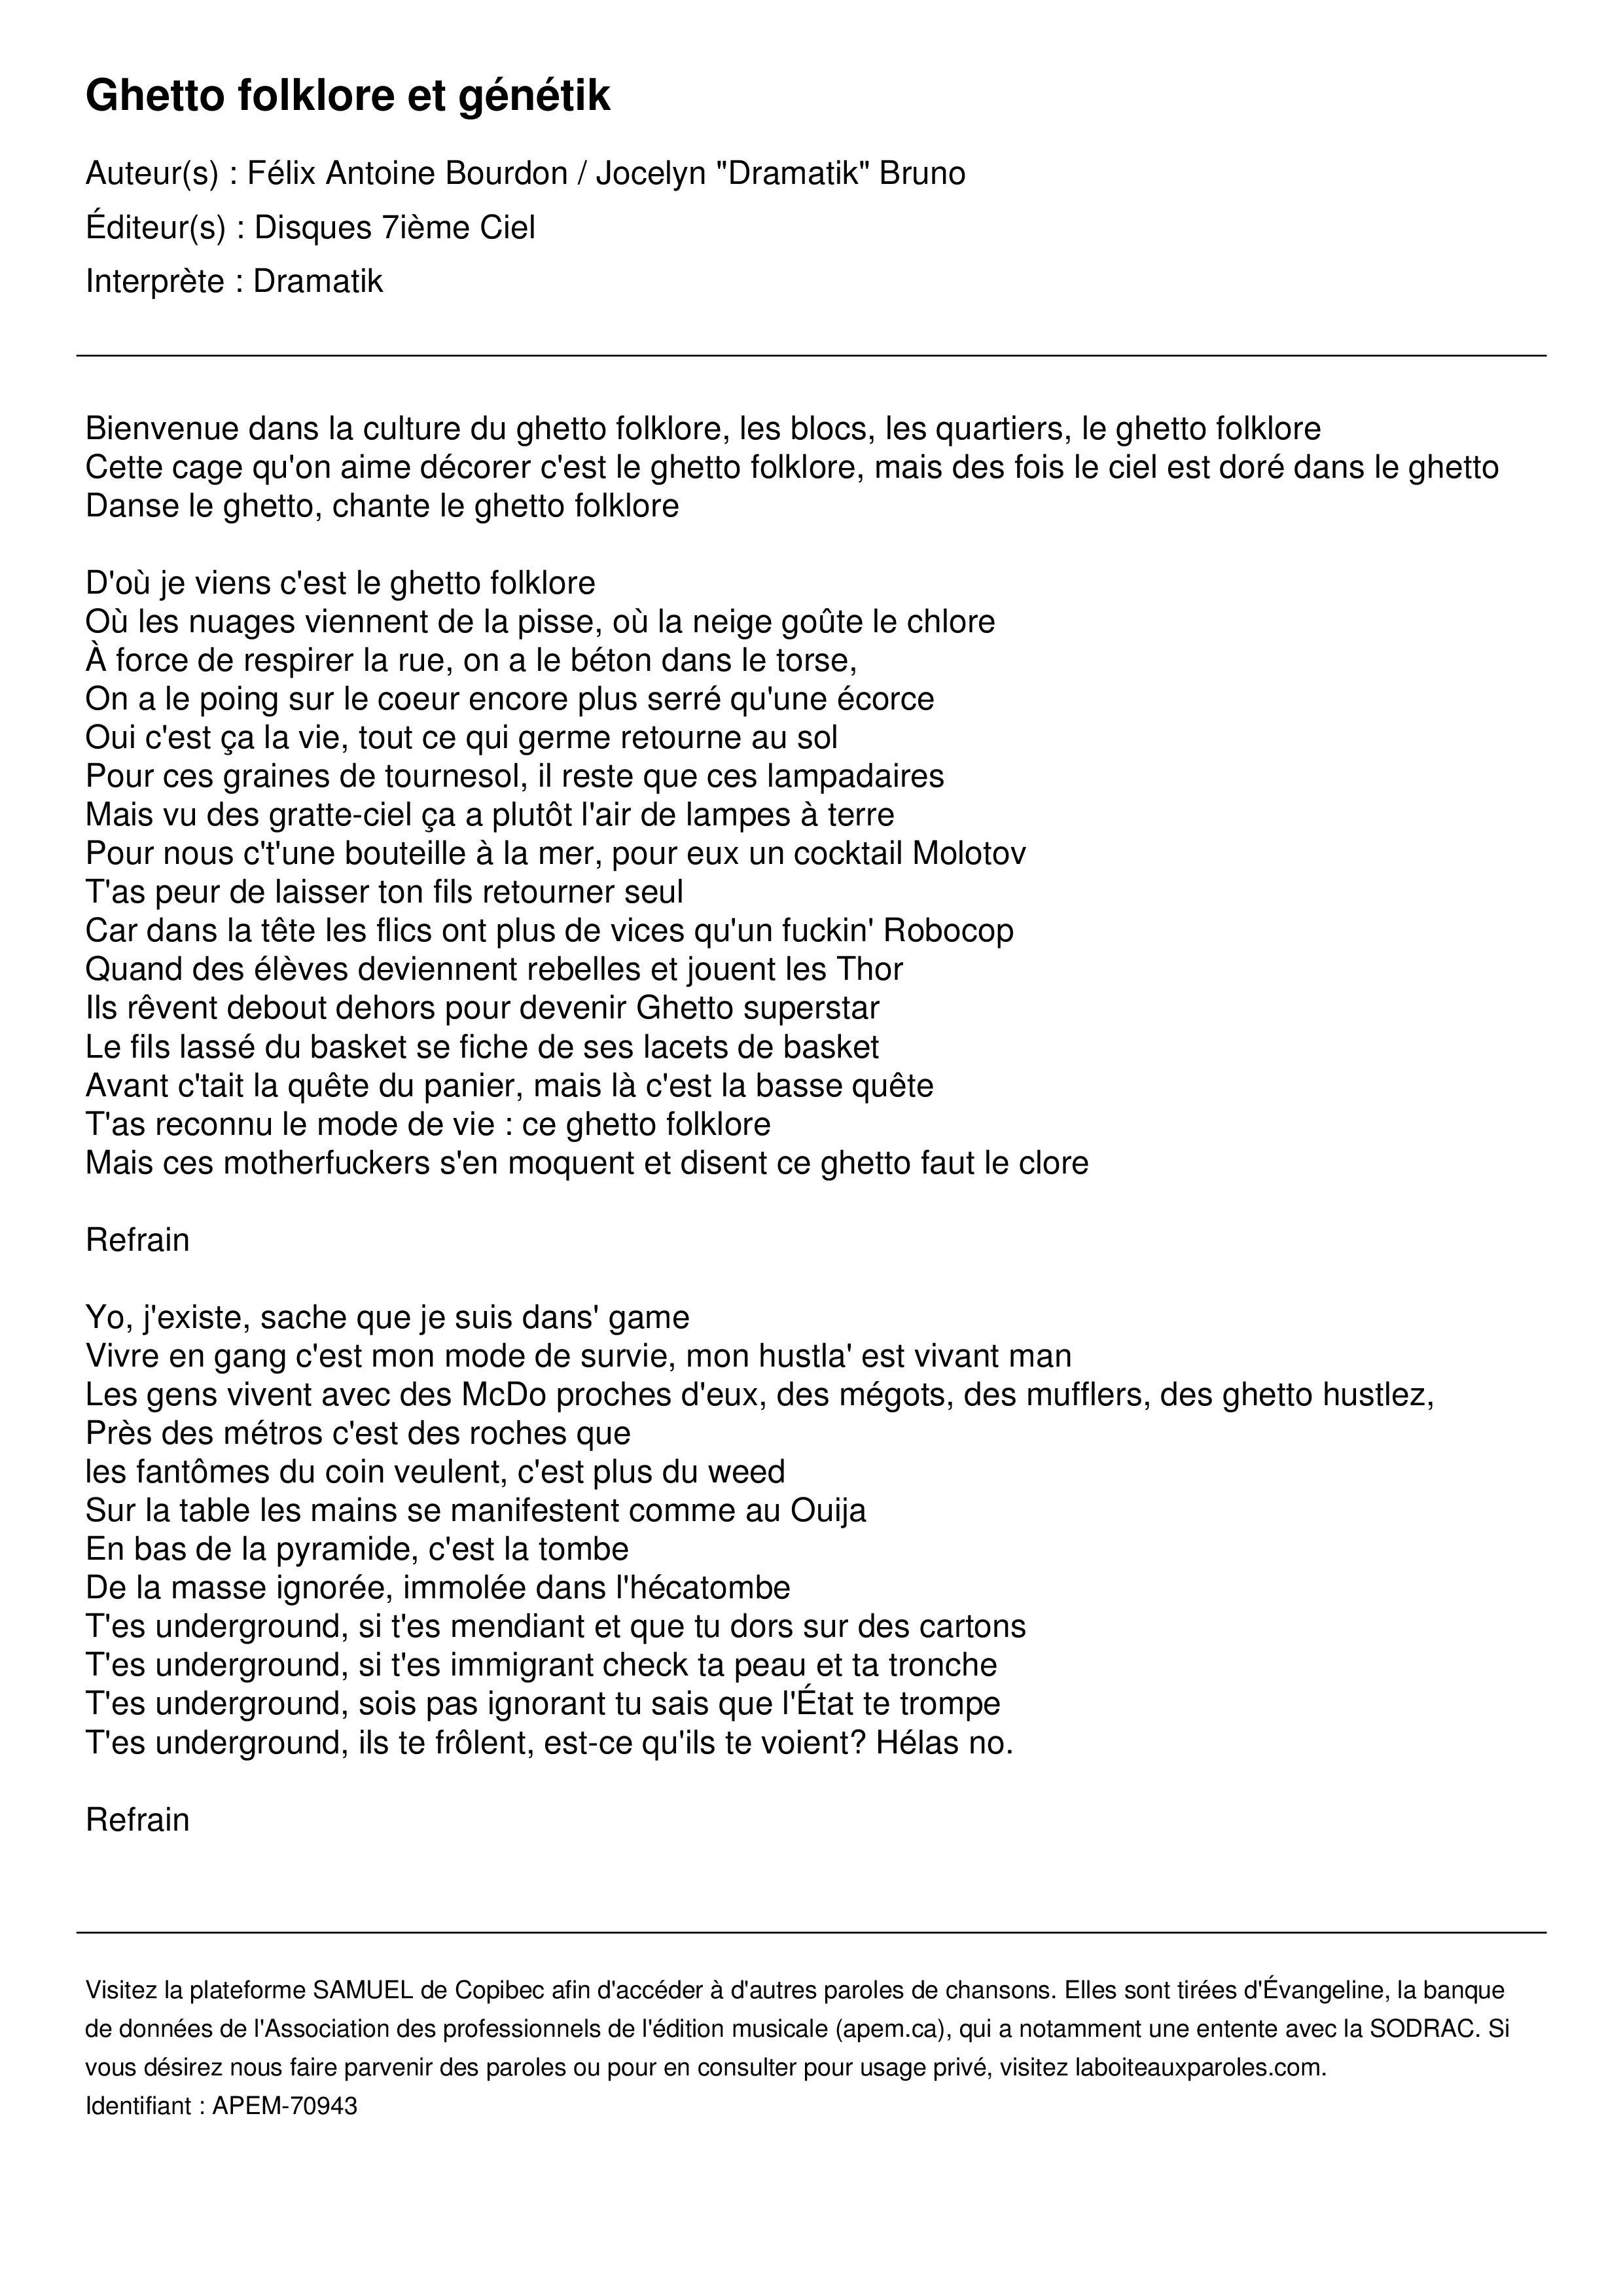 Ghetto folklore et génétik